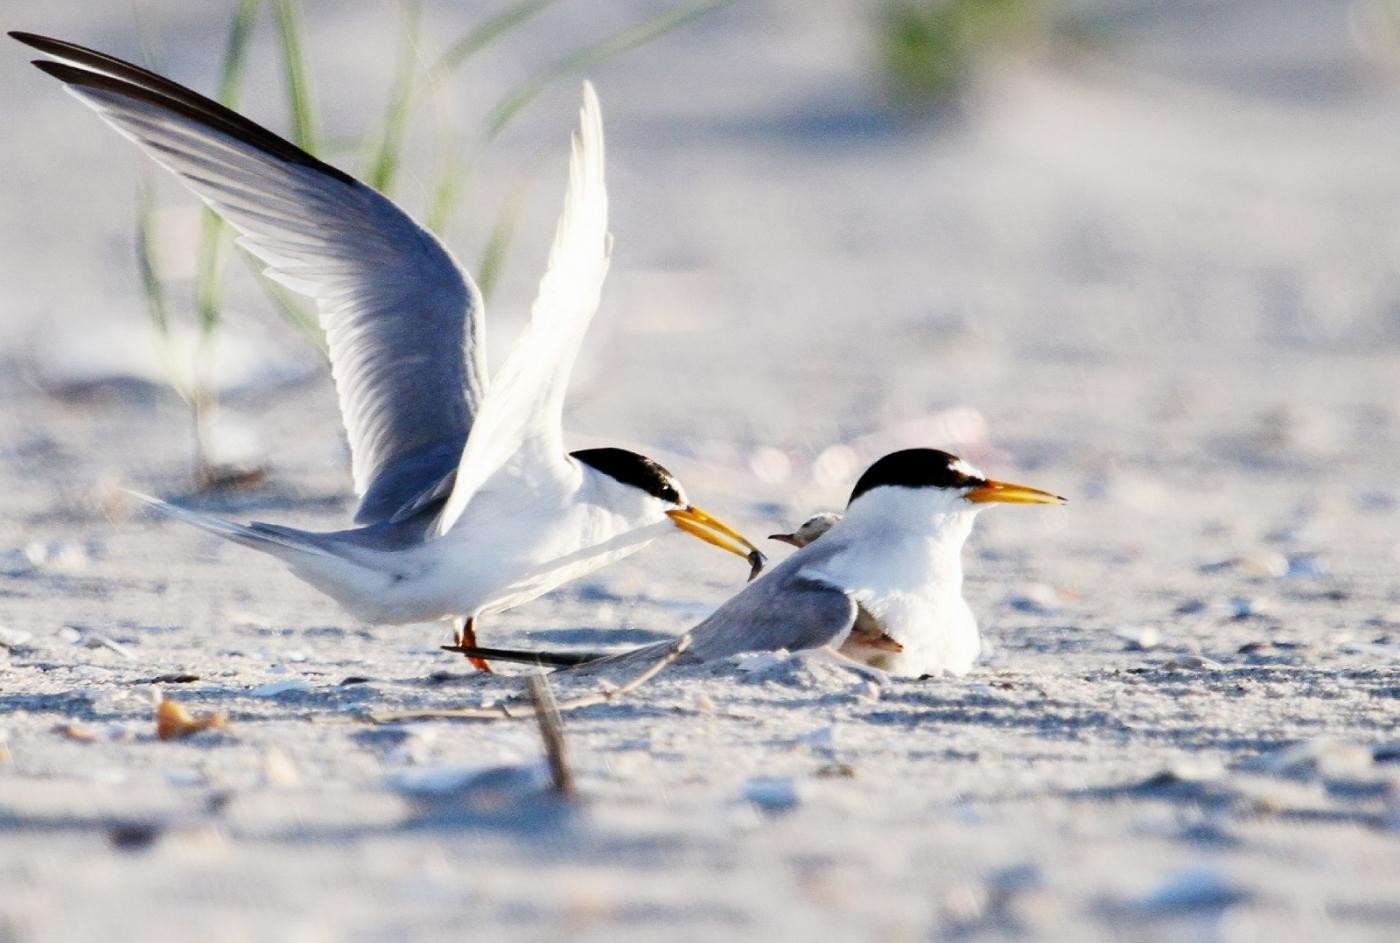 【田螺摄影】黄嘴燕鸥整个出生成长的过程_图1-22